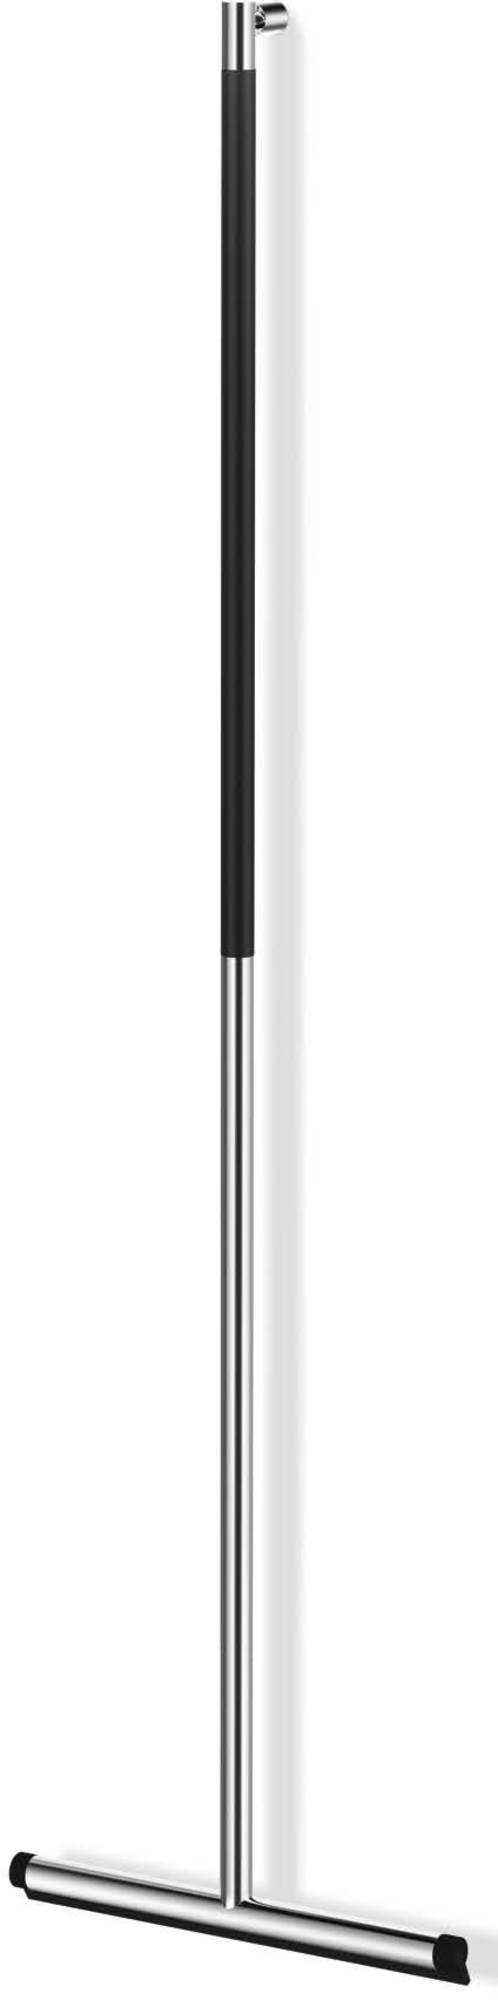 ZACK Jaz Vloerwisser 119 cm